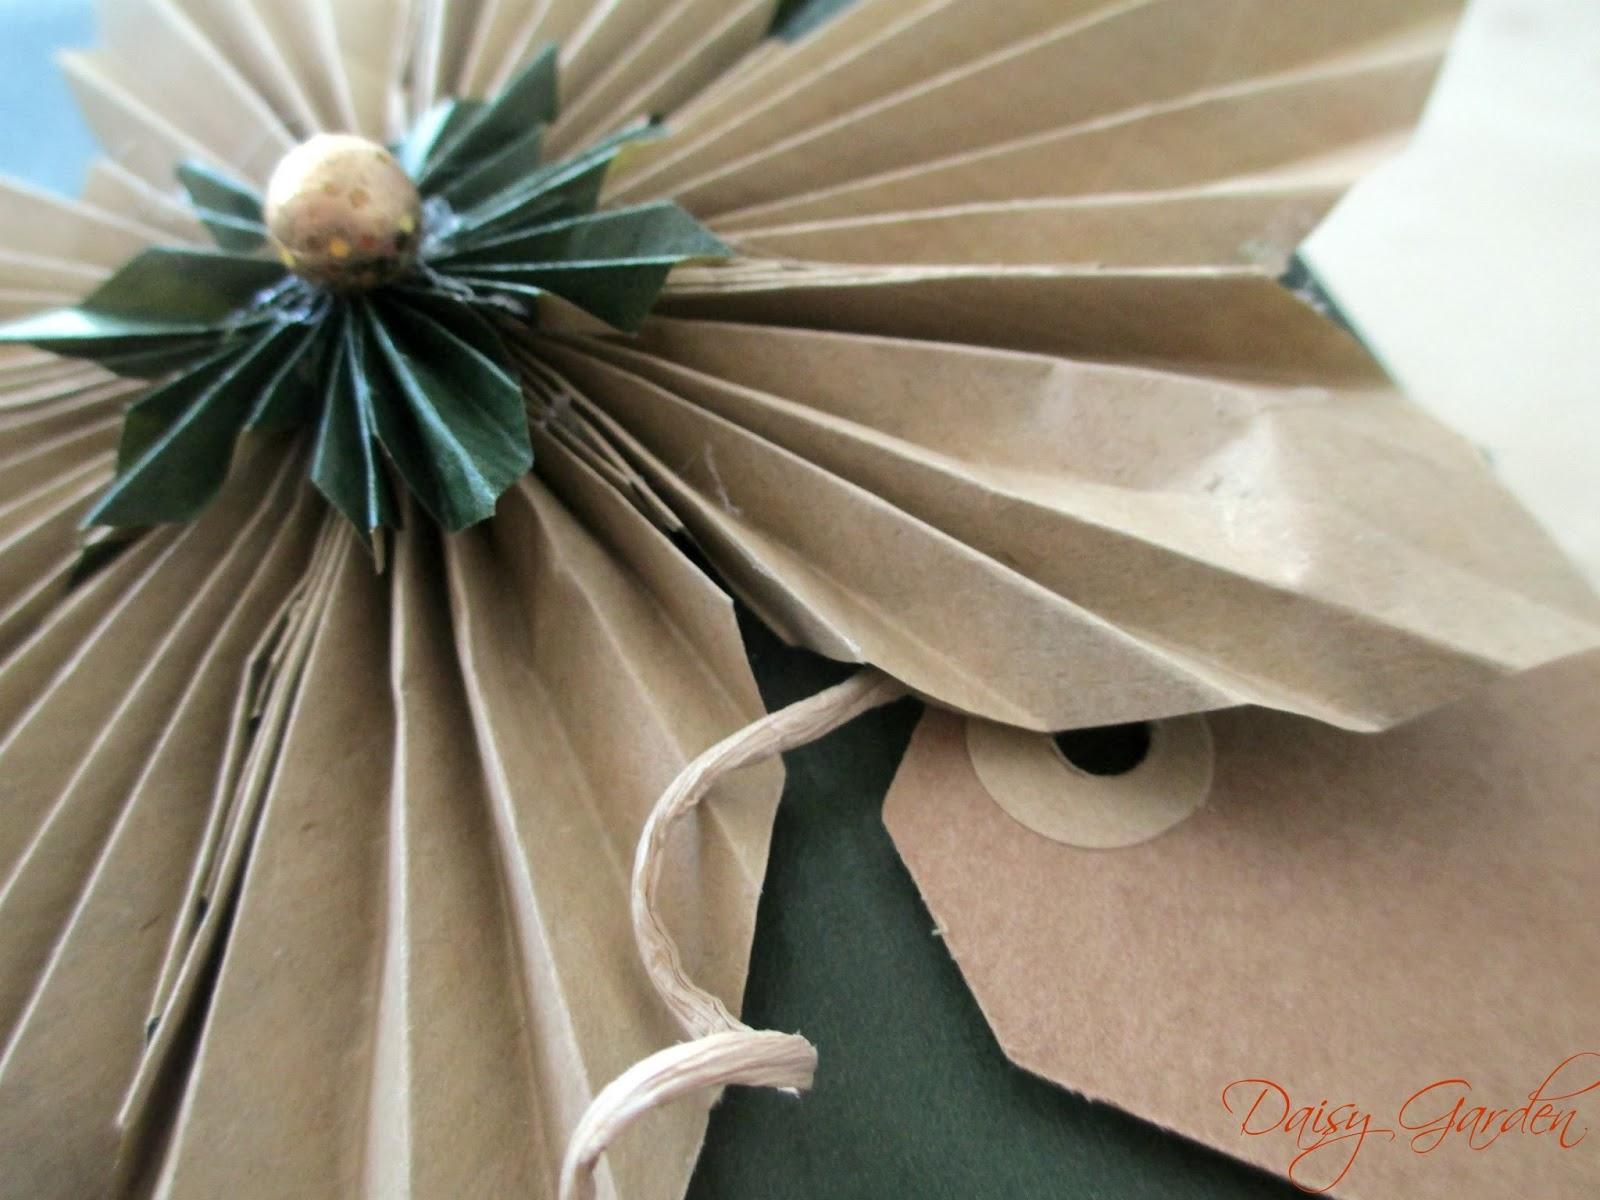 Daisy garden: i pacchetti di natale   un fiore di carta